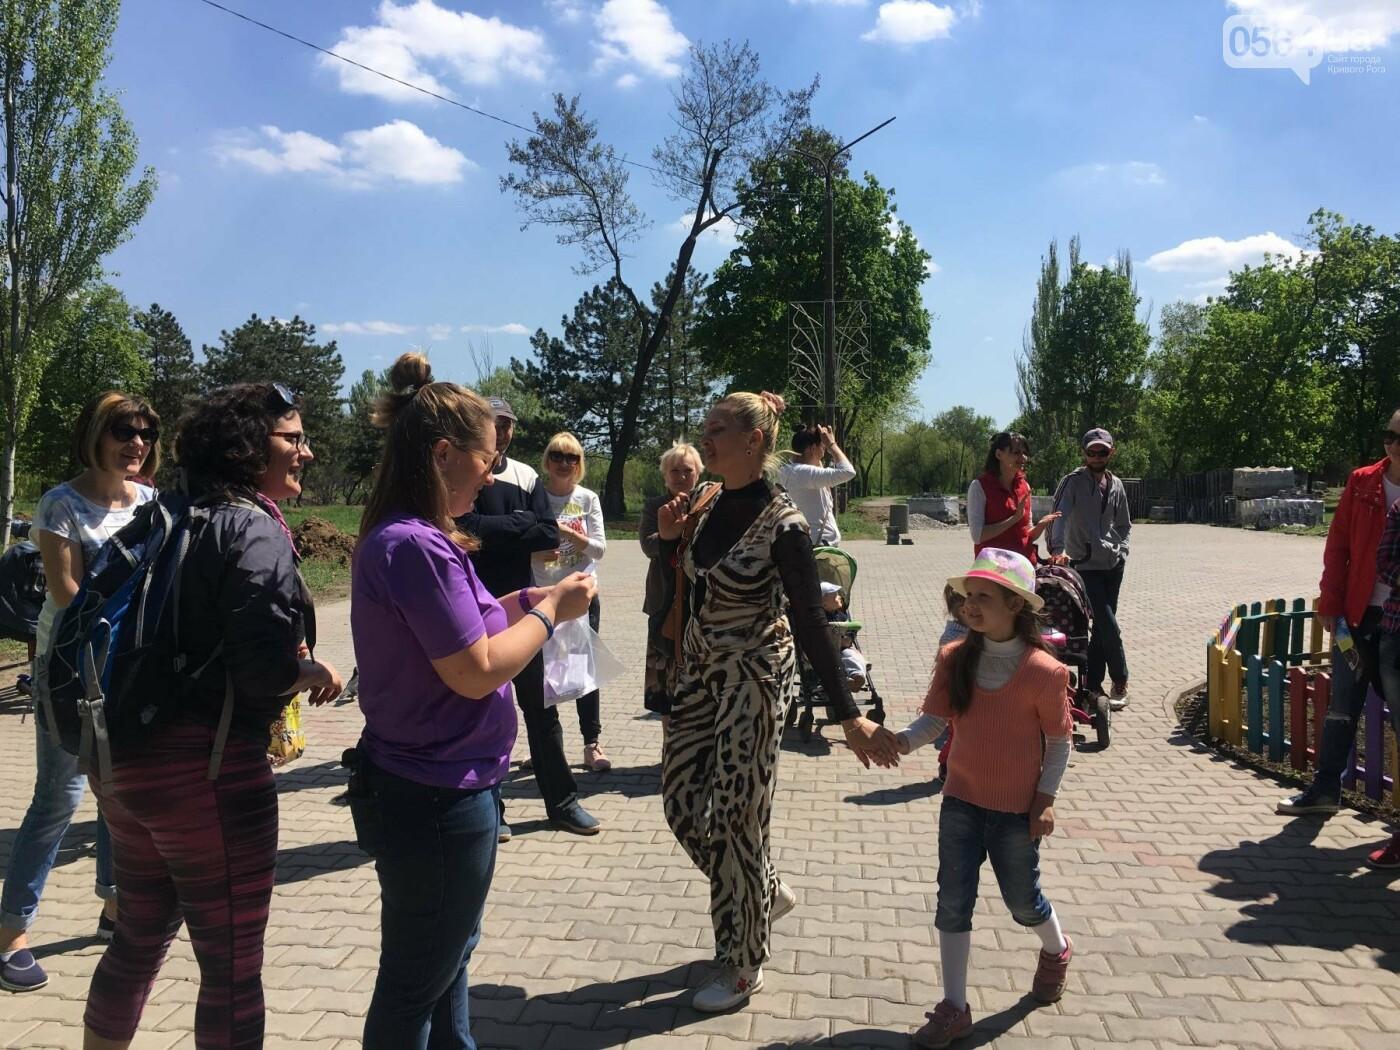 """""""В Европу без мусора!"""": криворожане помогли подготовить парк к Еврофесту (ФОТО), фото-57"""